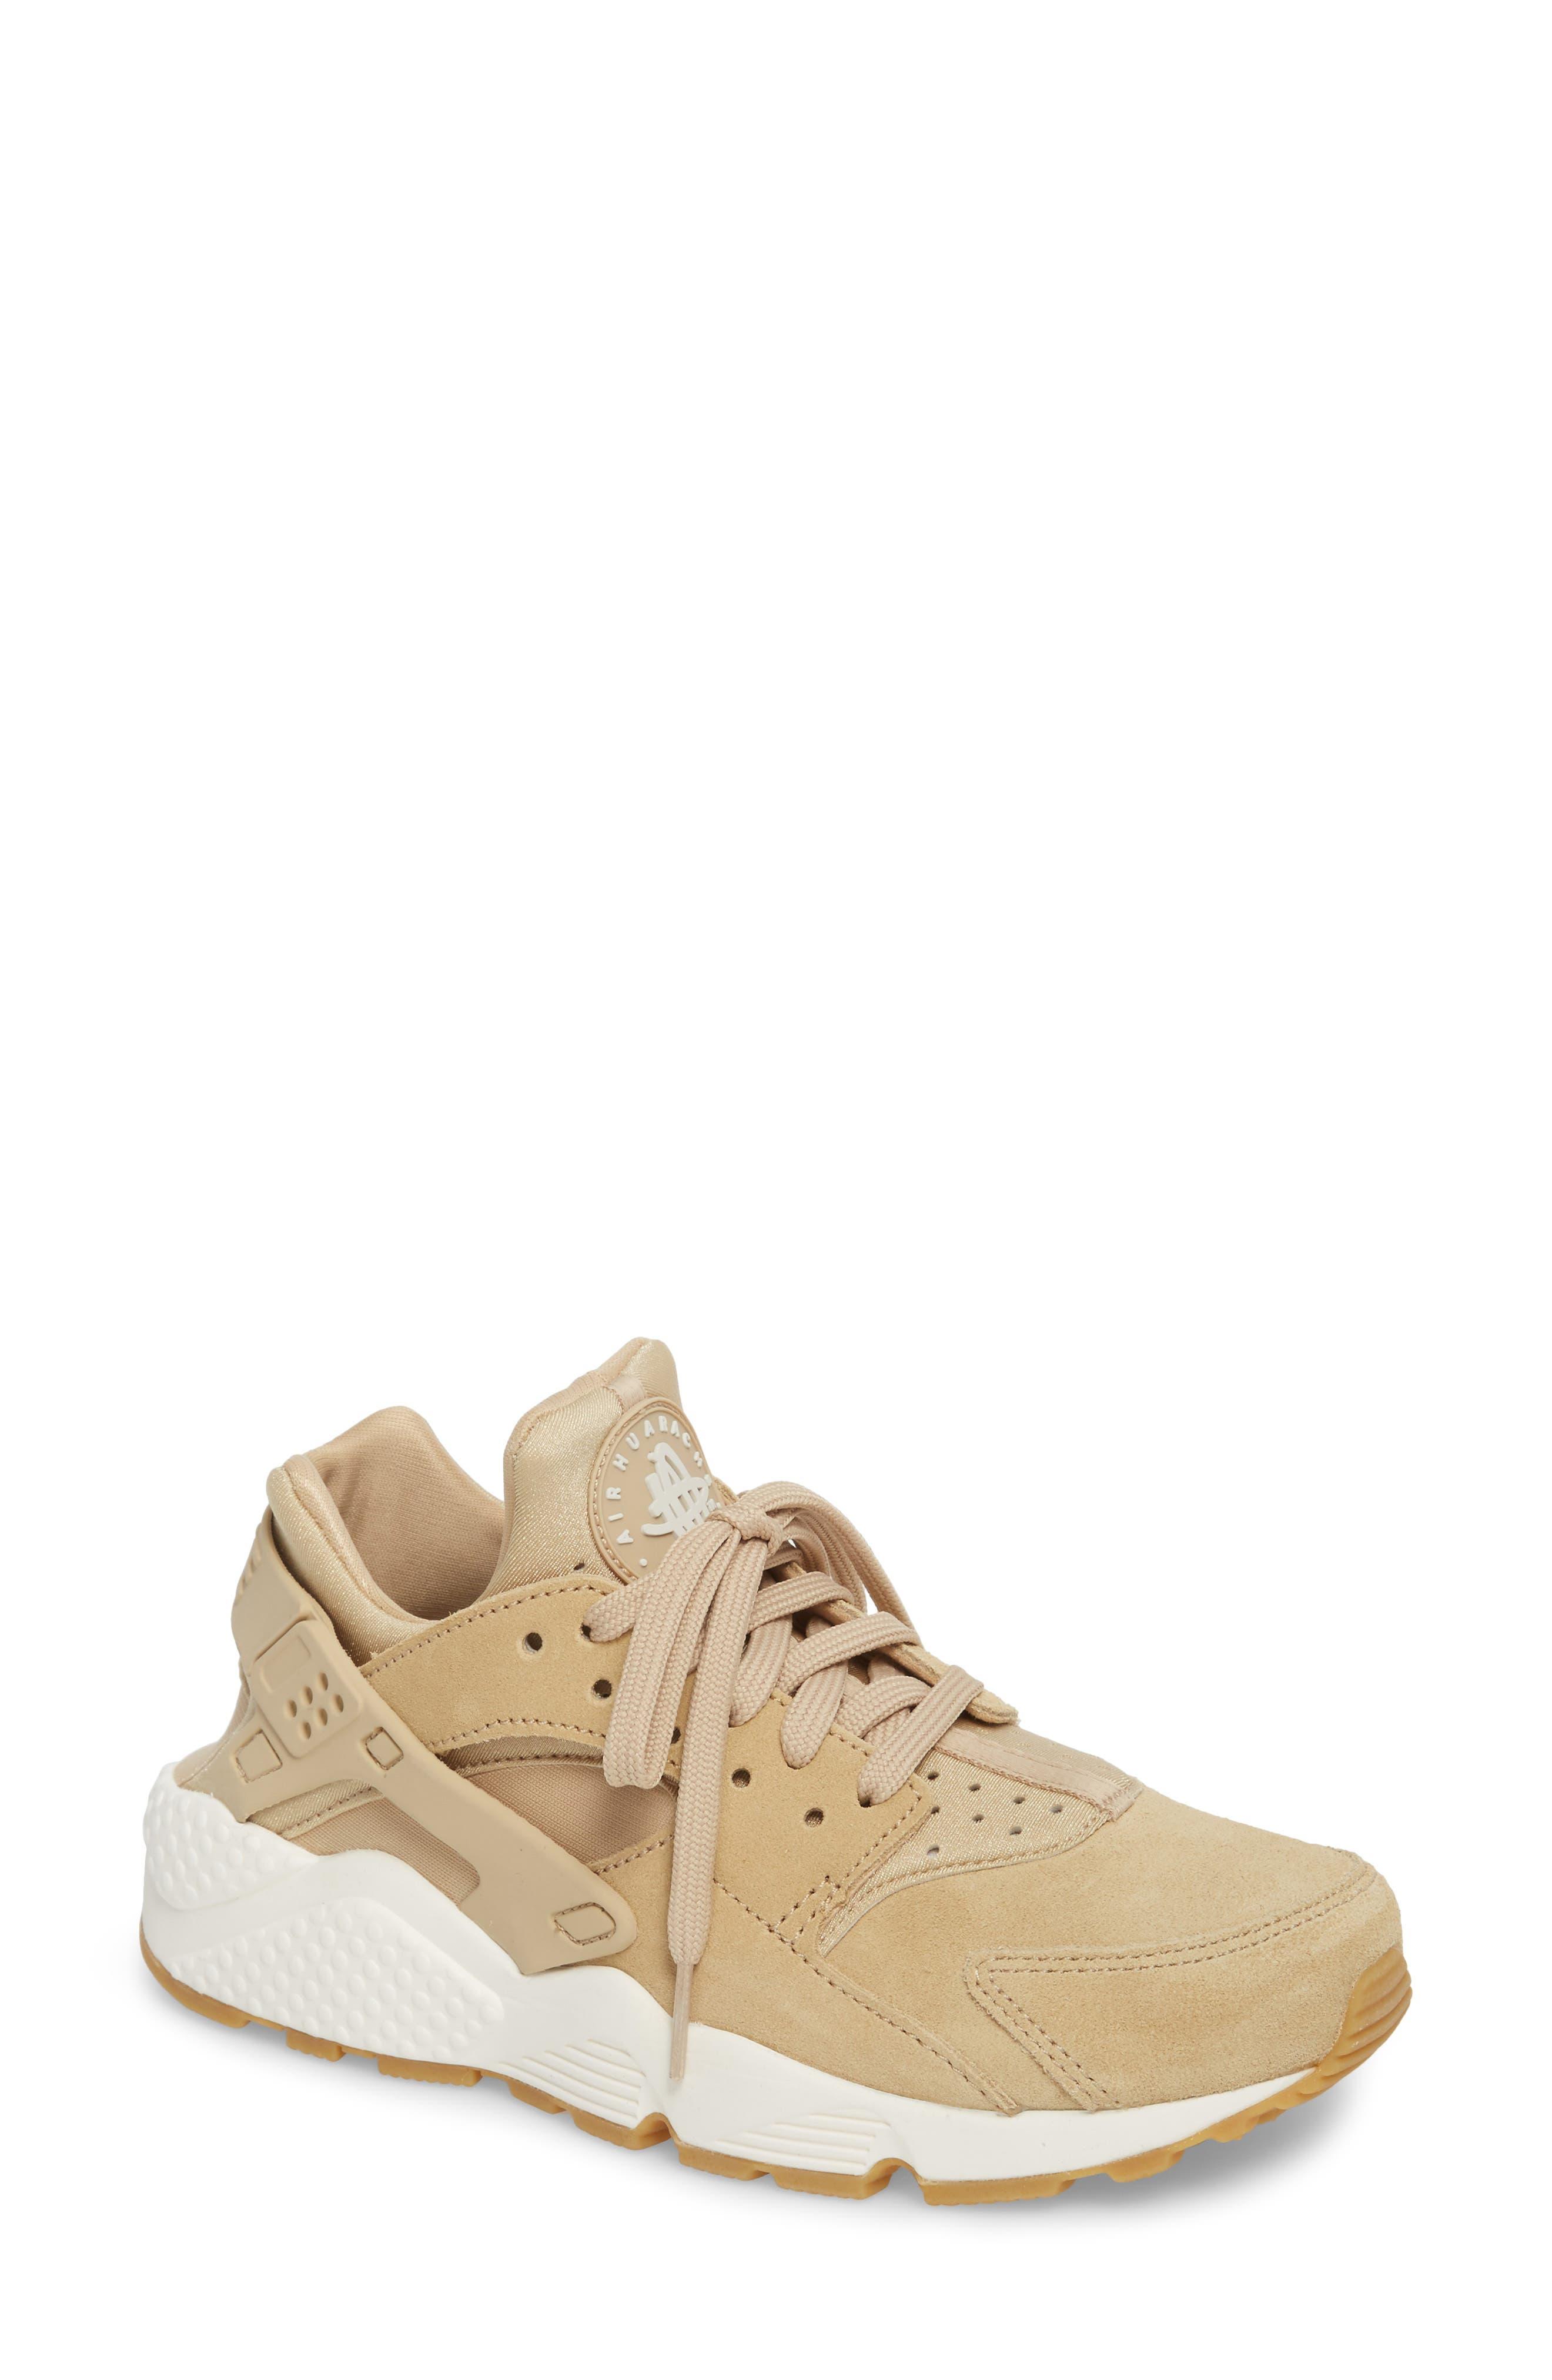 Air Huarache Run SD Sneaker,                             Main thumbnail 1, color,                             Mushroom/ Bone/ Sail/ Brown